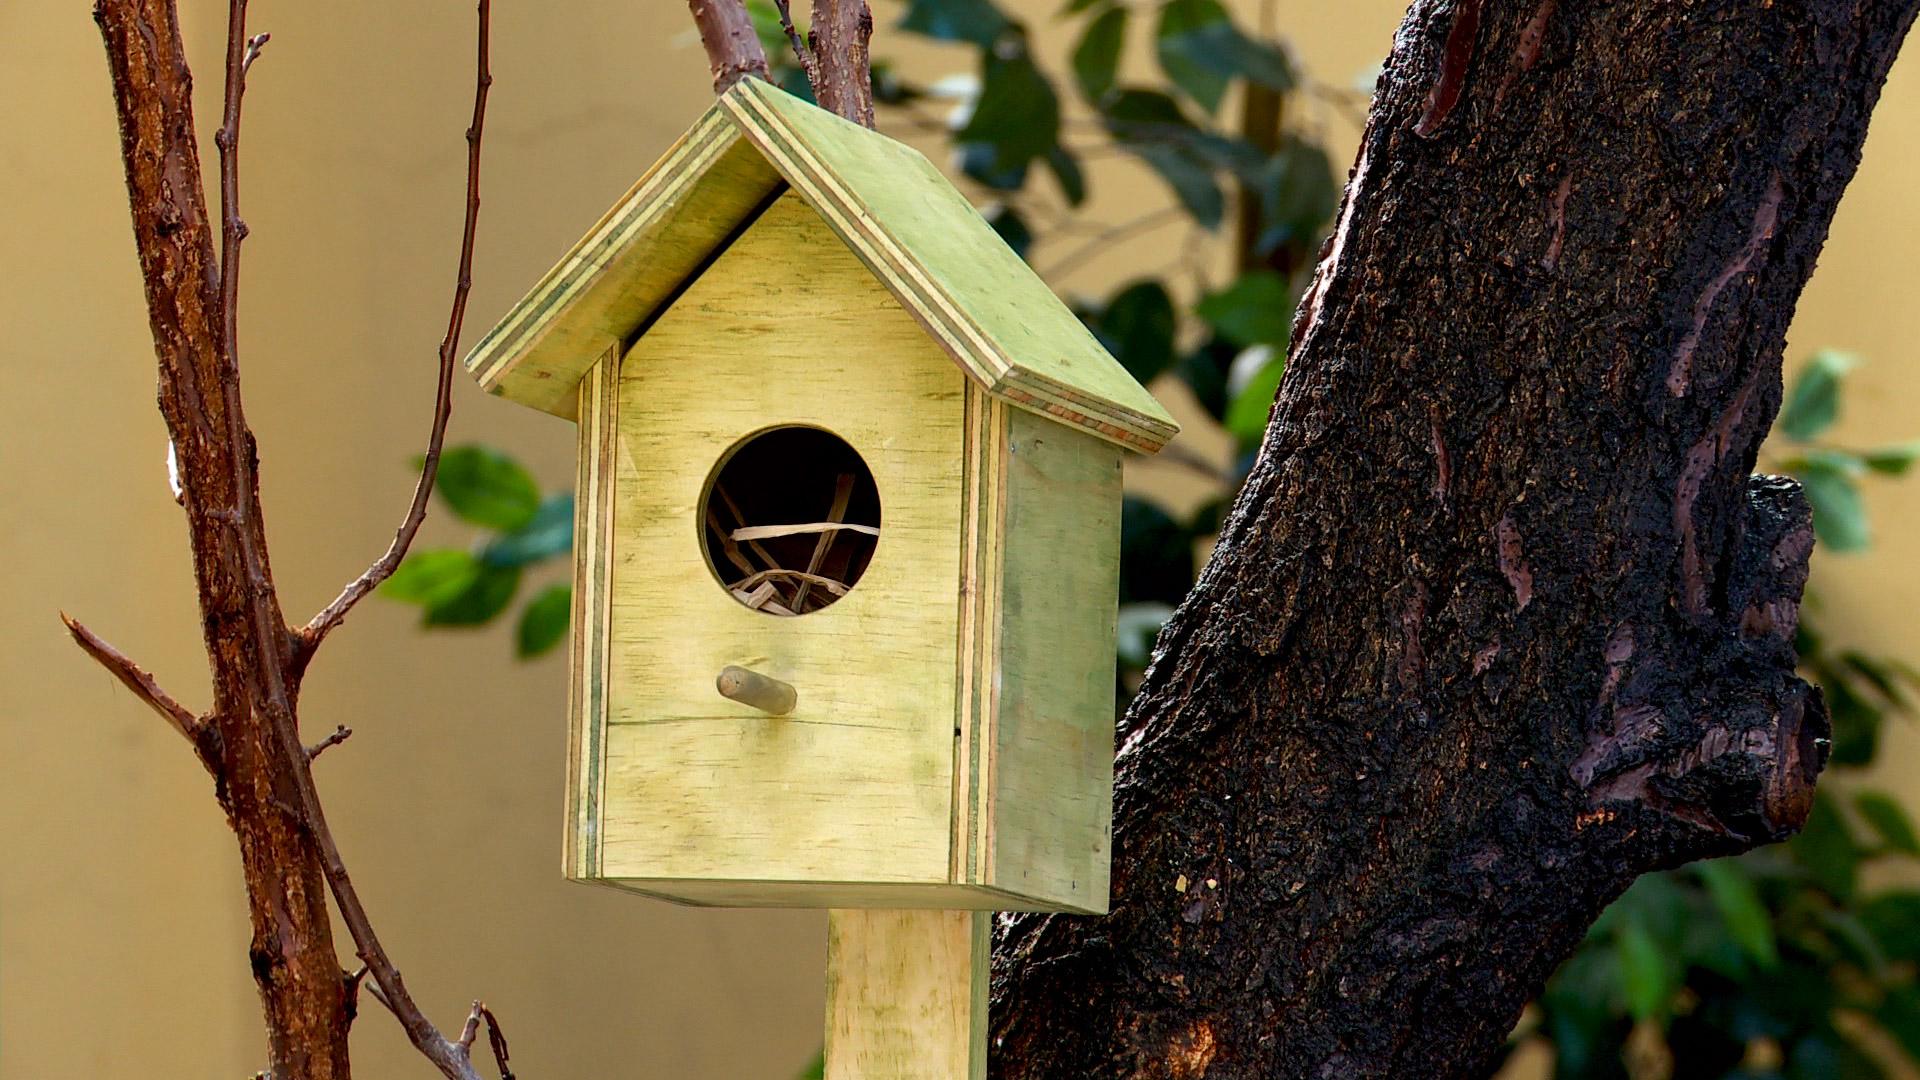 Aprender cómo construir o hacer una casa de pájaros, también conocidas como pajarera para poner alimentos a las aves silvestres, o darles refugio para anidar, puede ser una buena actividad para hacer con los niños.